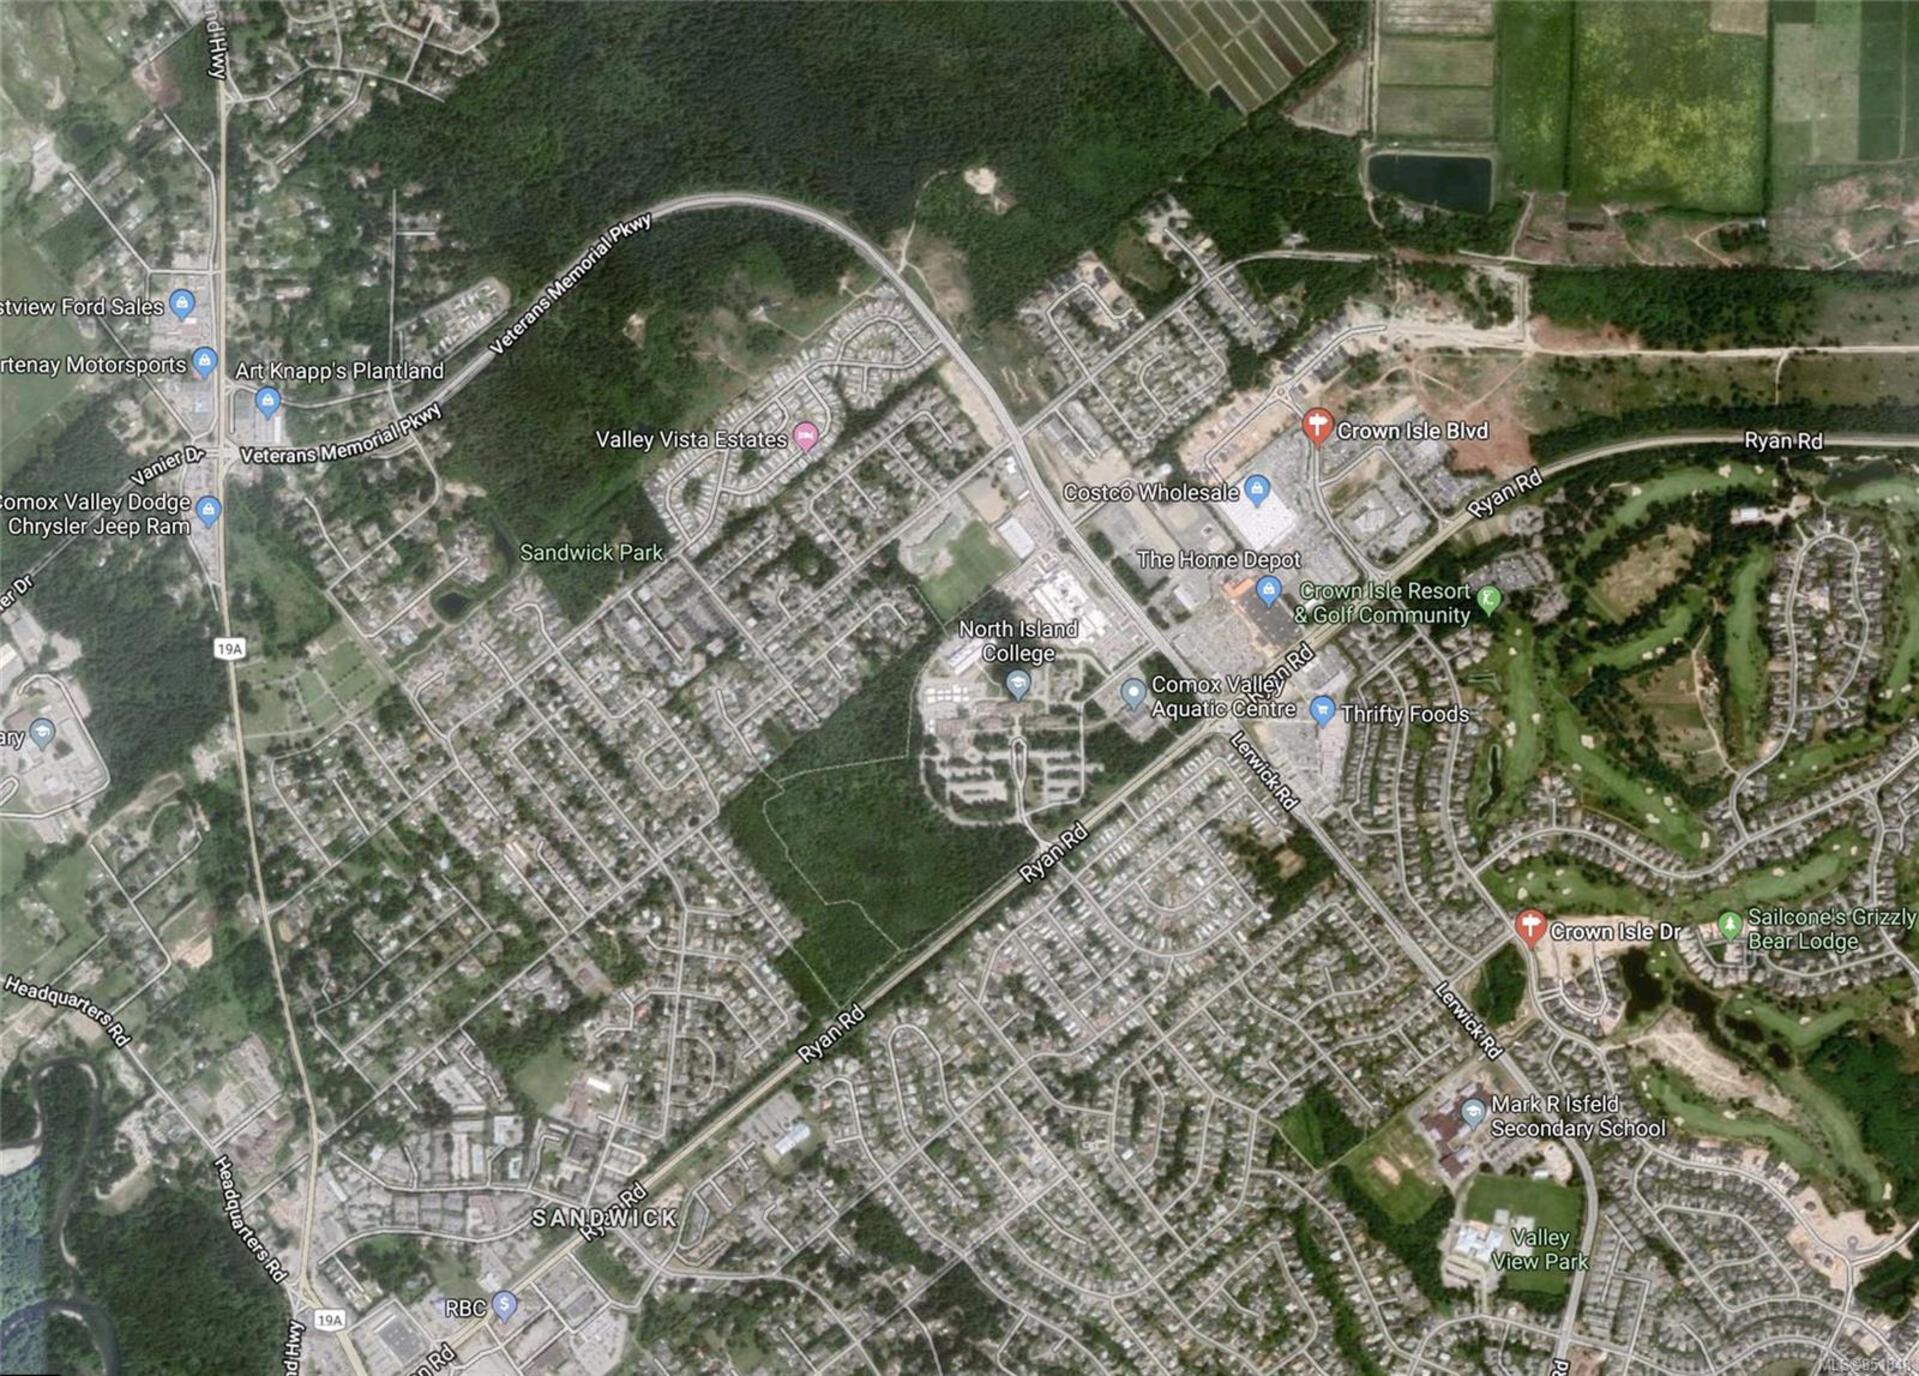 623-crown-isle-boulevard-crown-isle-comox-valley-04 at SL2 - 623 Crown Isle Boulevard, Crown Isle, Comox Valley